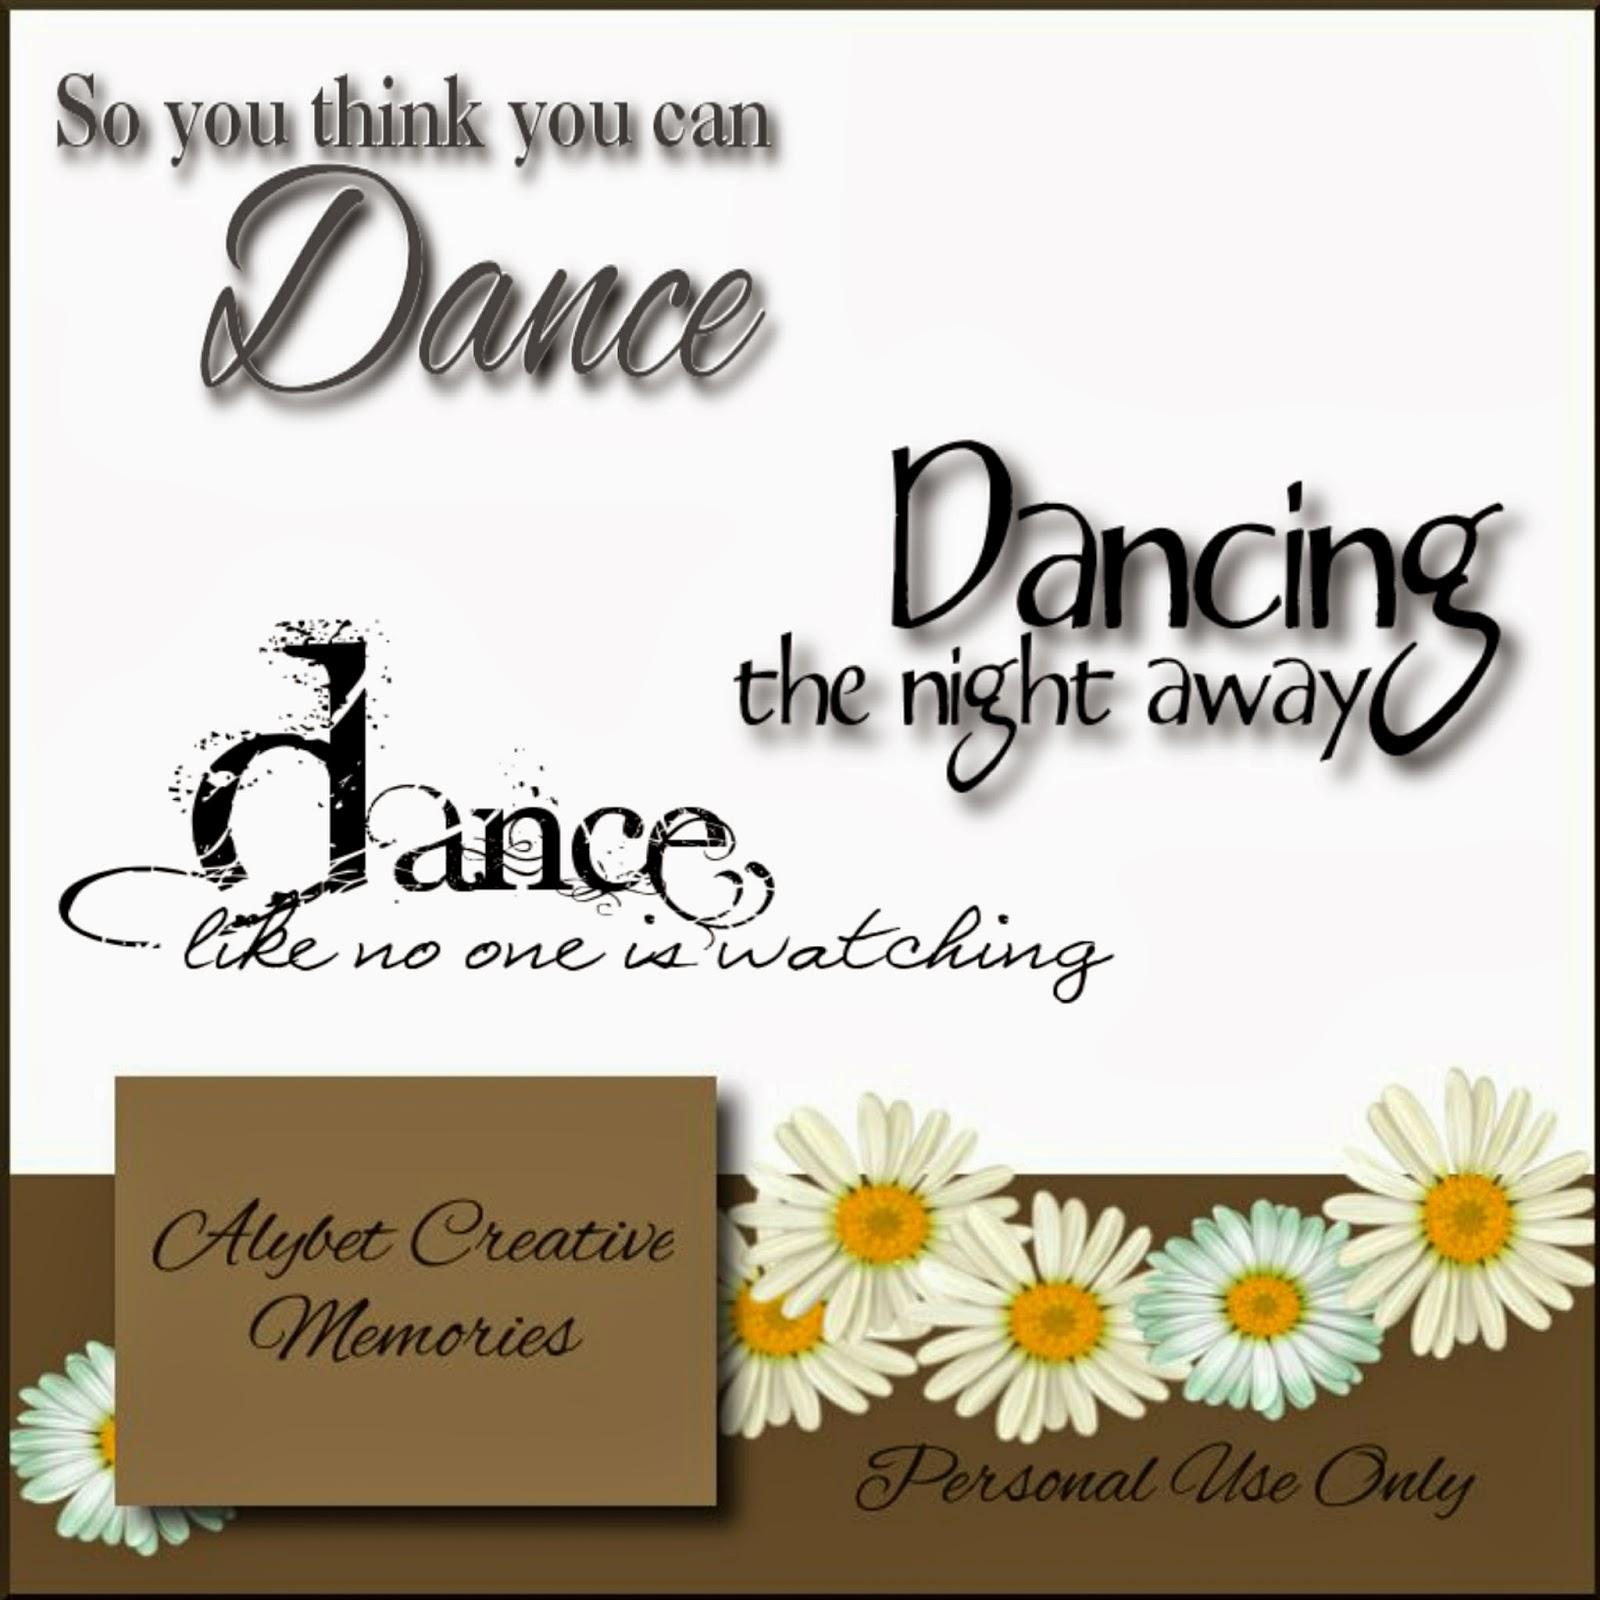 http://2.bp.blogspot.com/-UDdNTrxf2mc/UzbG-wRwdaI/AAAAAAAADnY/vb9IKtMvYB4/s1600/Dance_alybet1.jpg